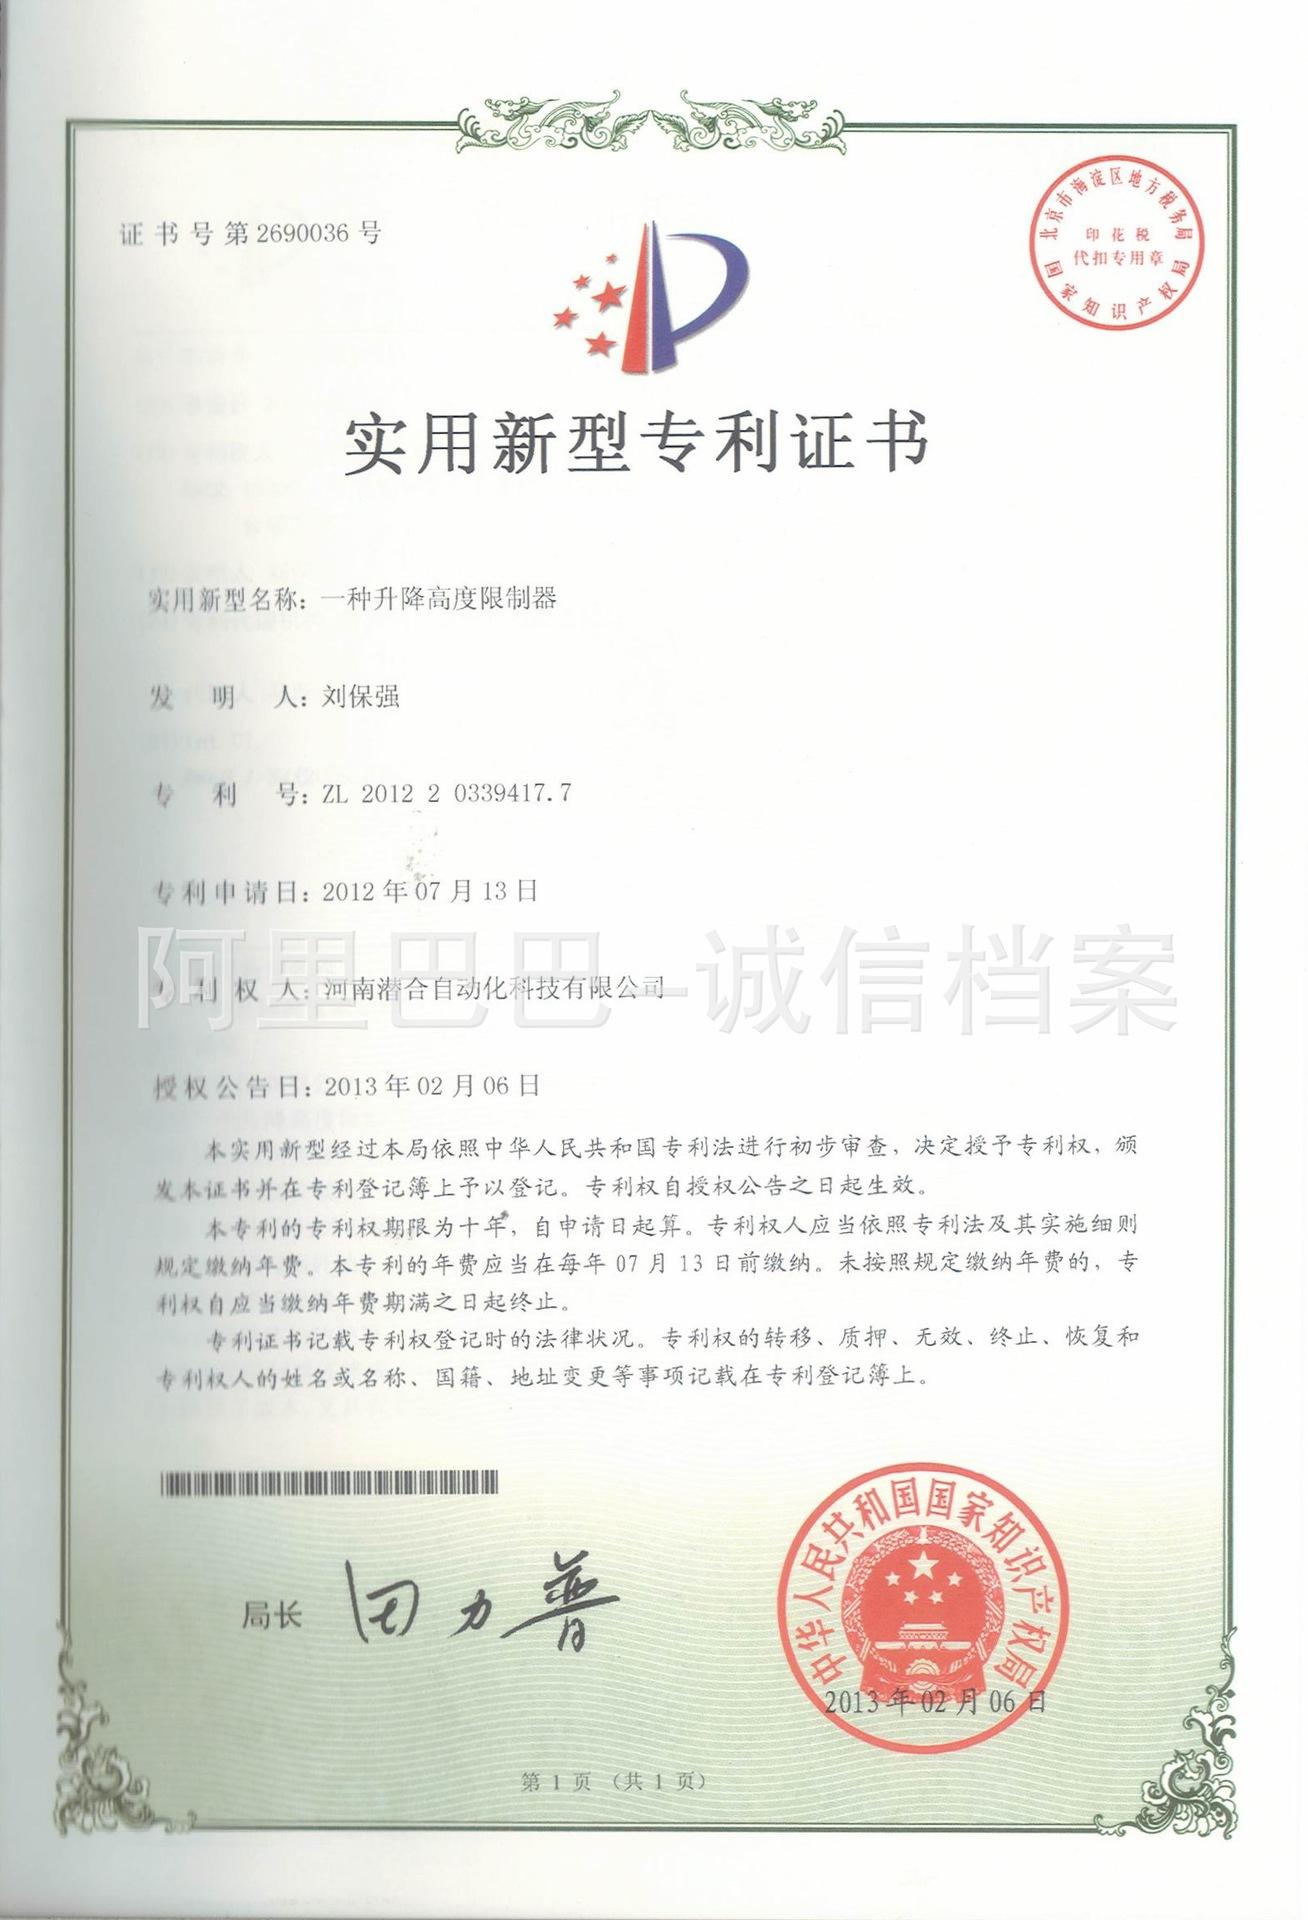 河南潜合专利一种高度限制器